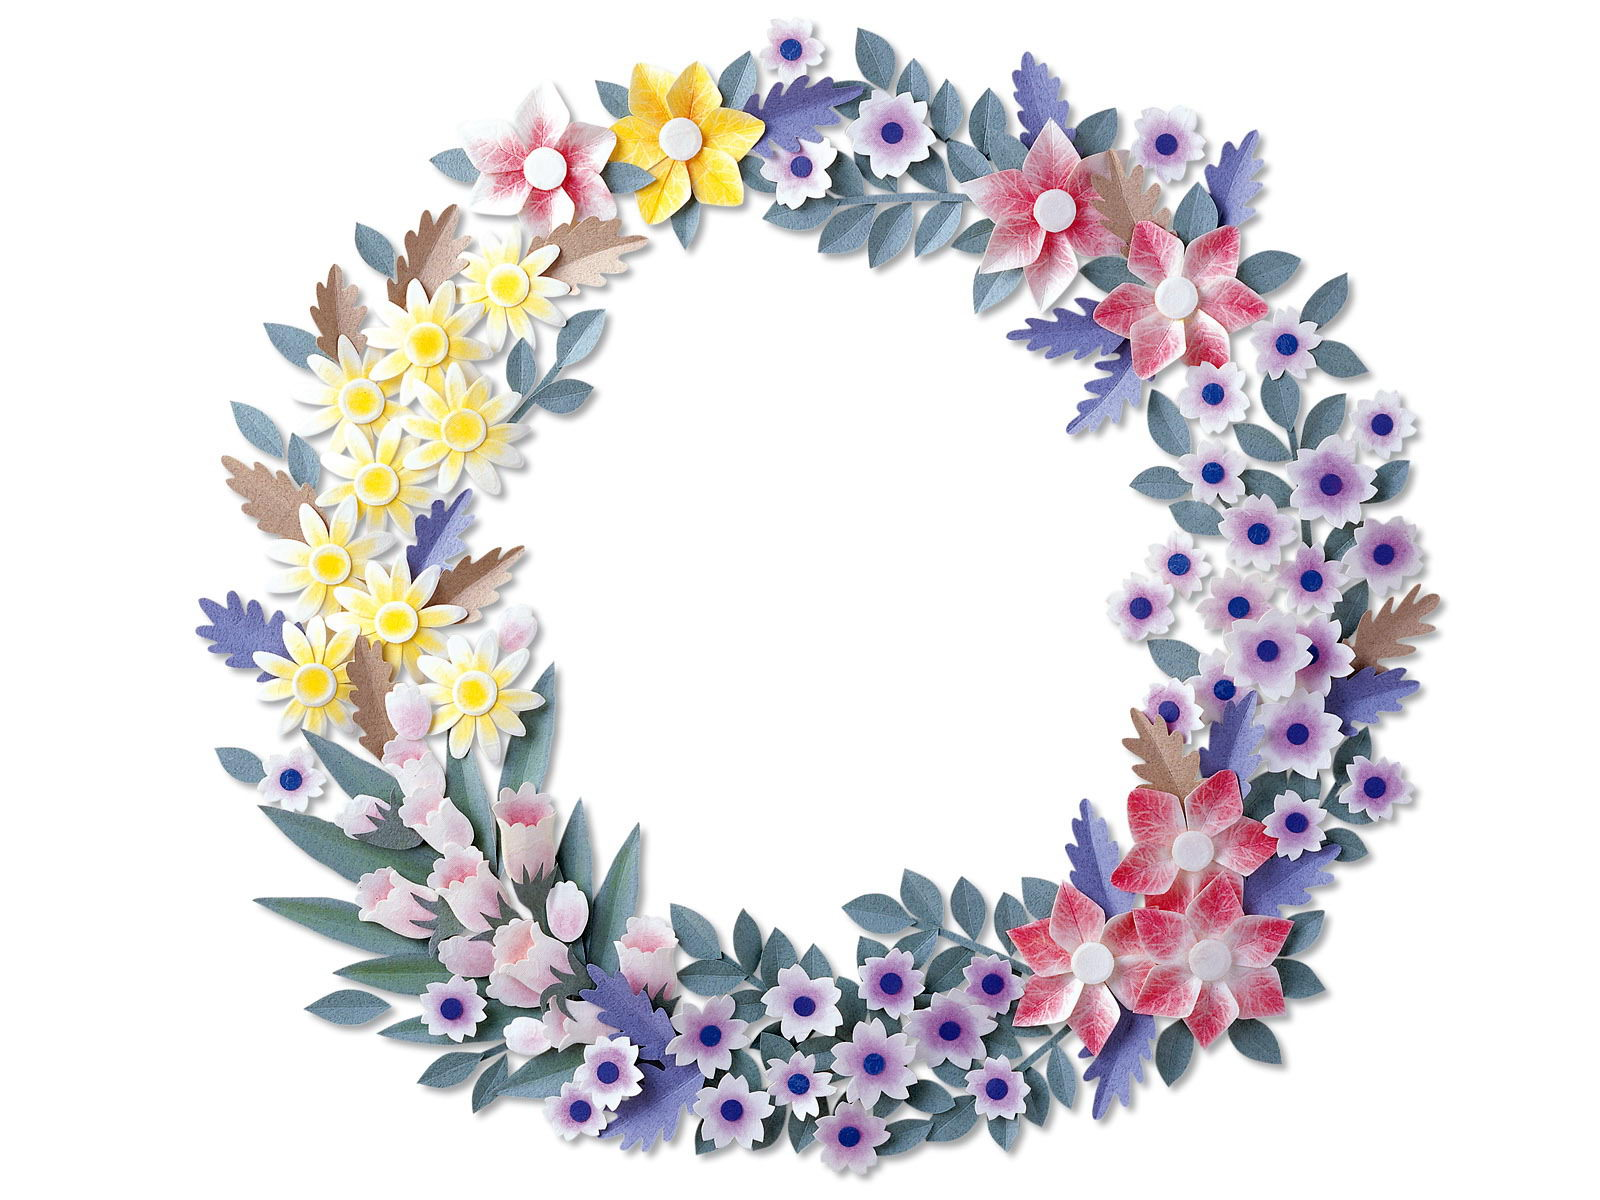 台湾纸雕艺术(壁纸34)